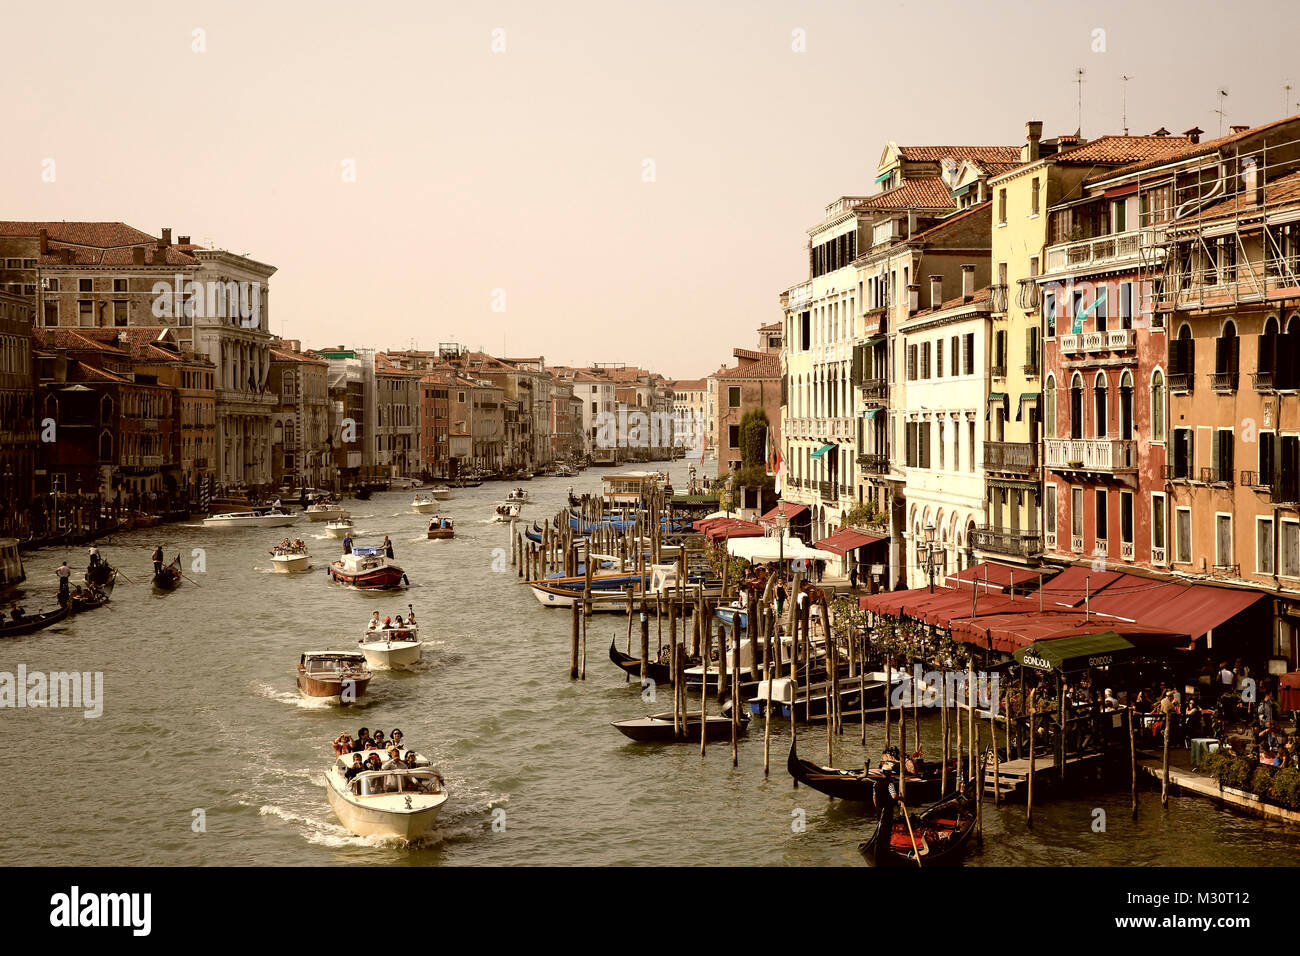 La fotografía de la calle en la ciudad de Venecia, Italia Imagen De Stock